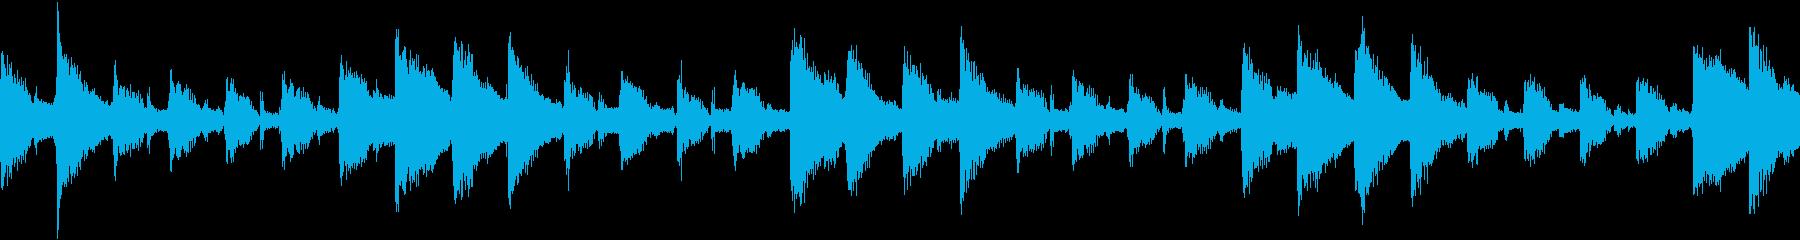 ギター、ベル、グロッケンシュピール...の再生済みの波形